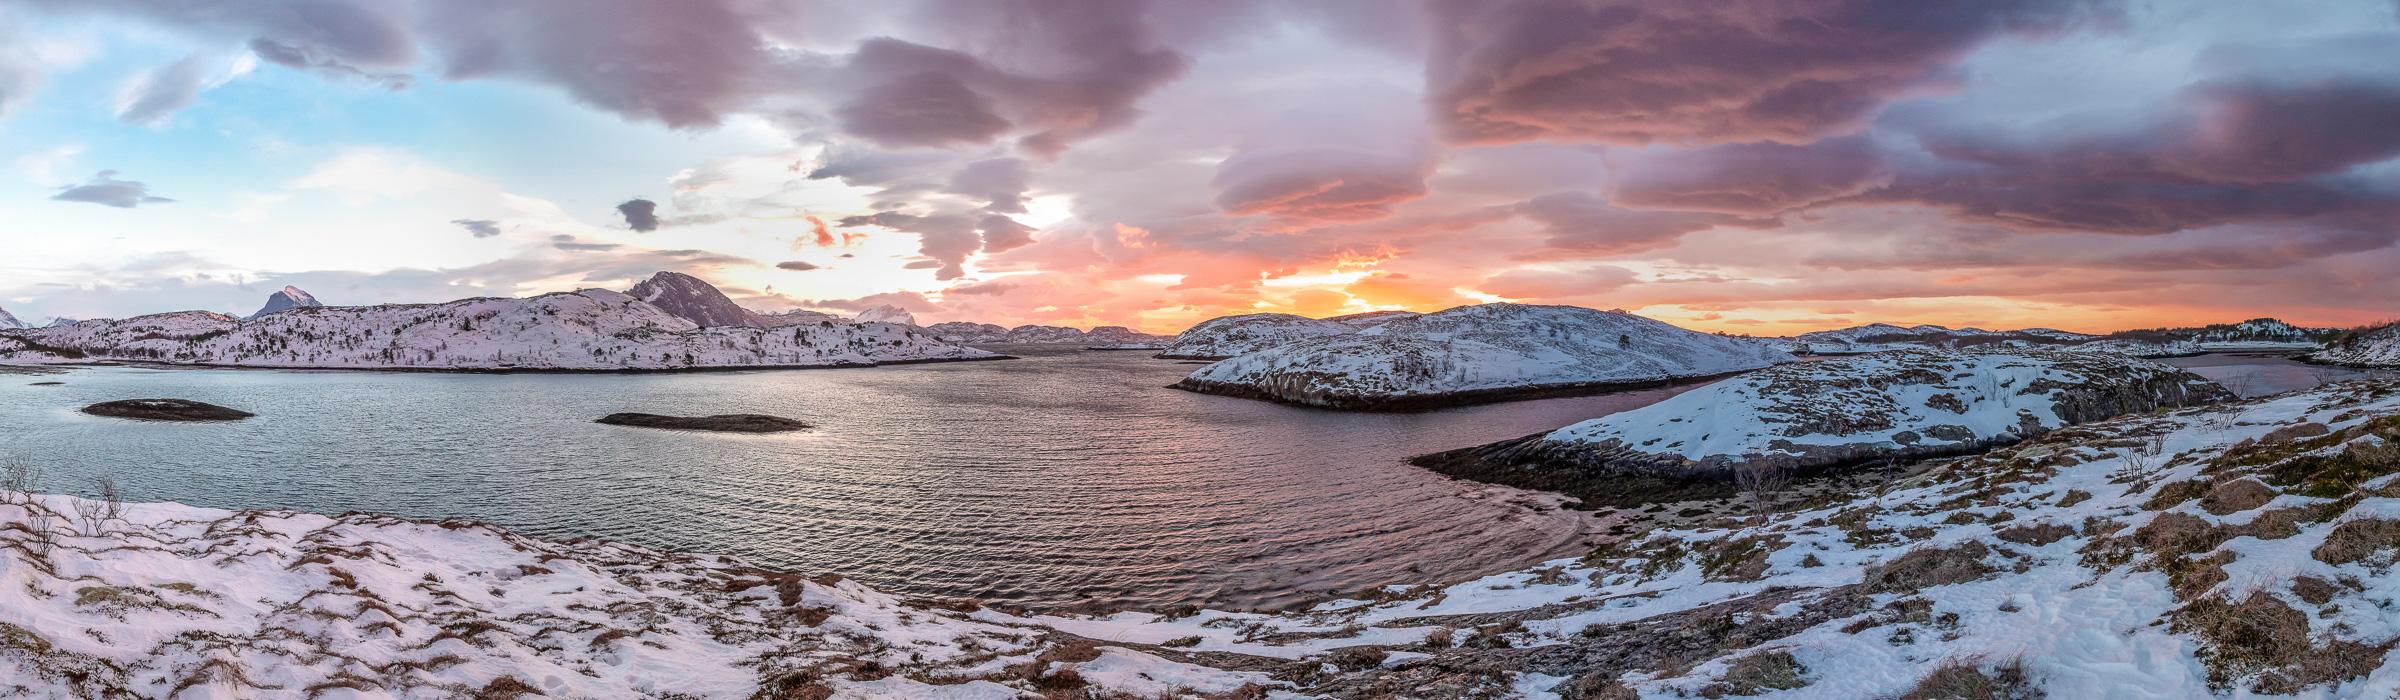 stimmungsvoller Sonnenuntergang über dem Tjongsfjord